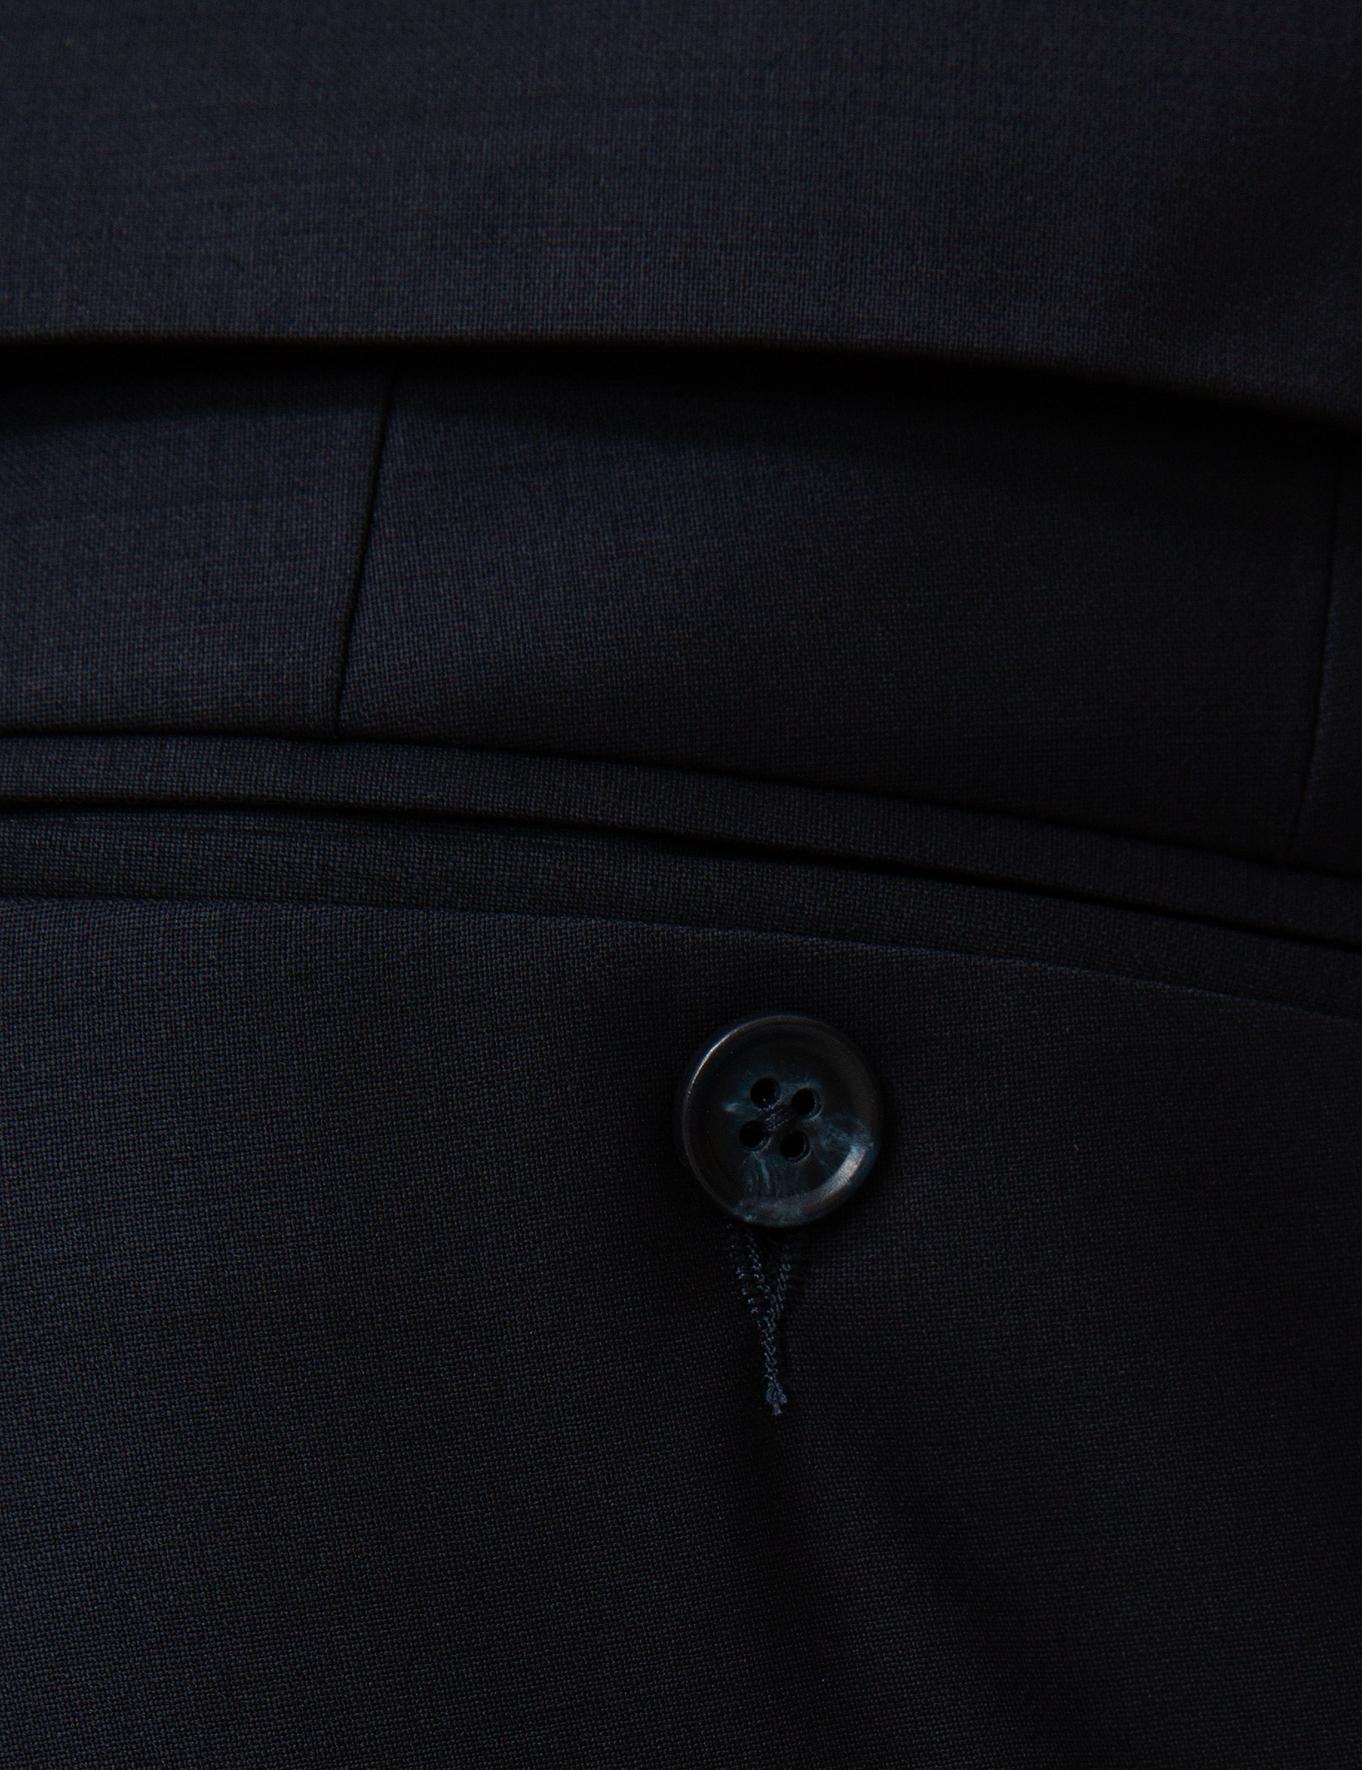 Lacivert Slim Fit Takım Elbise - 50206330215